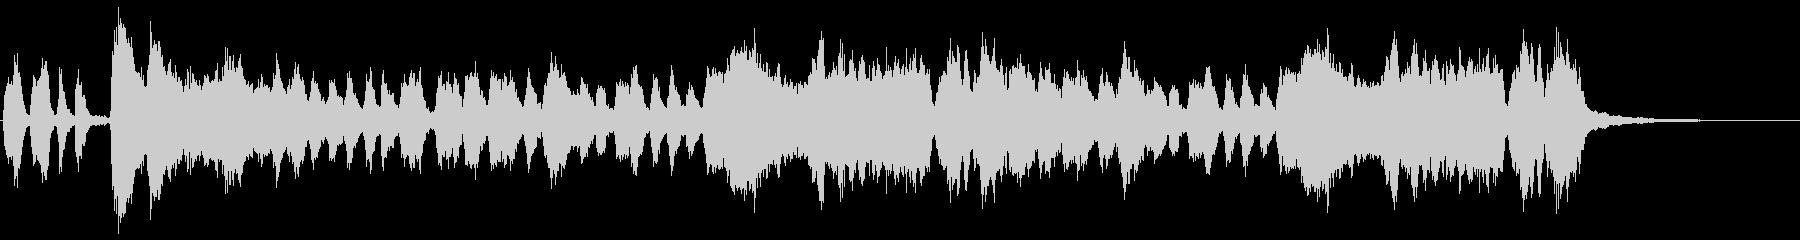 ステージクリア_クイズ番組系その1の未再生の波形